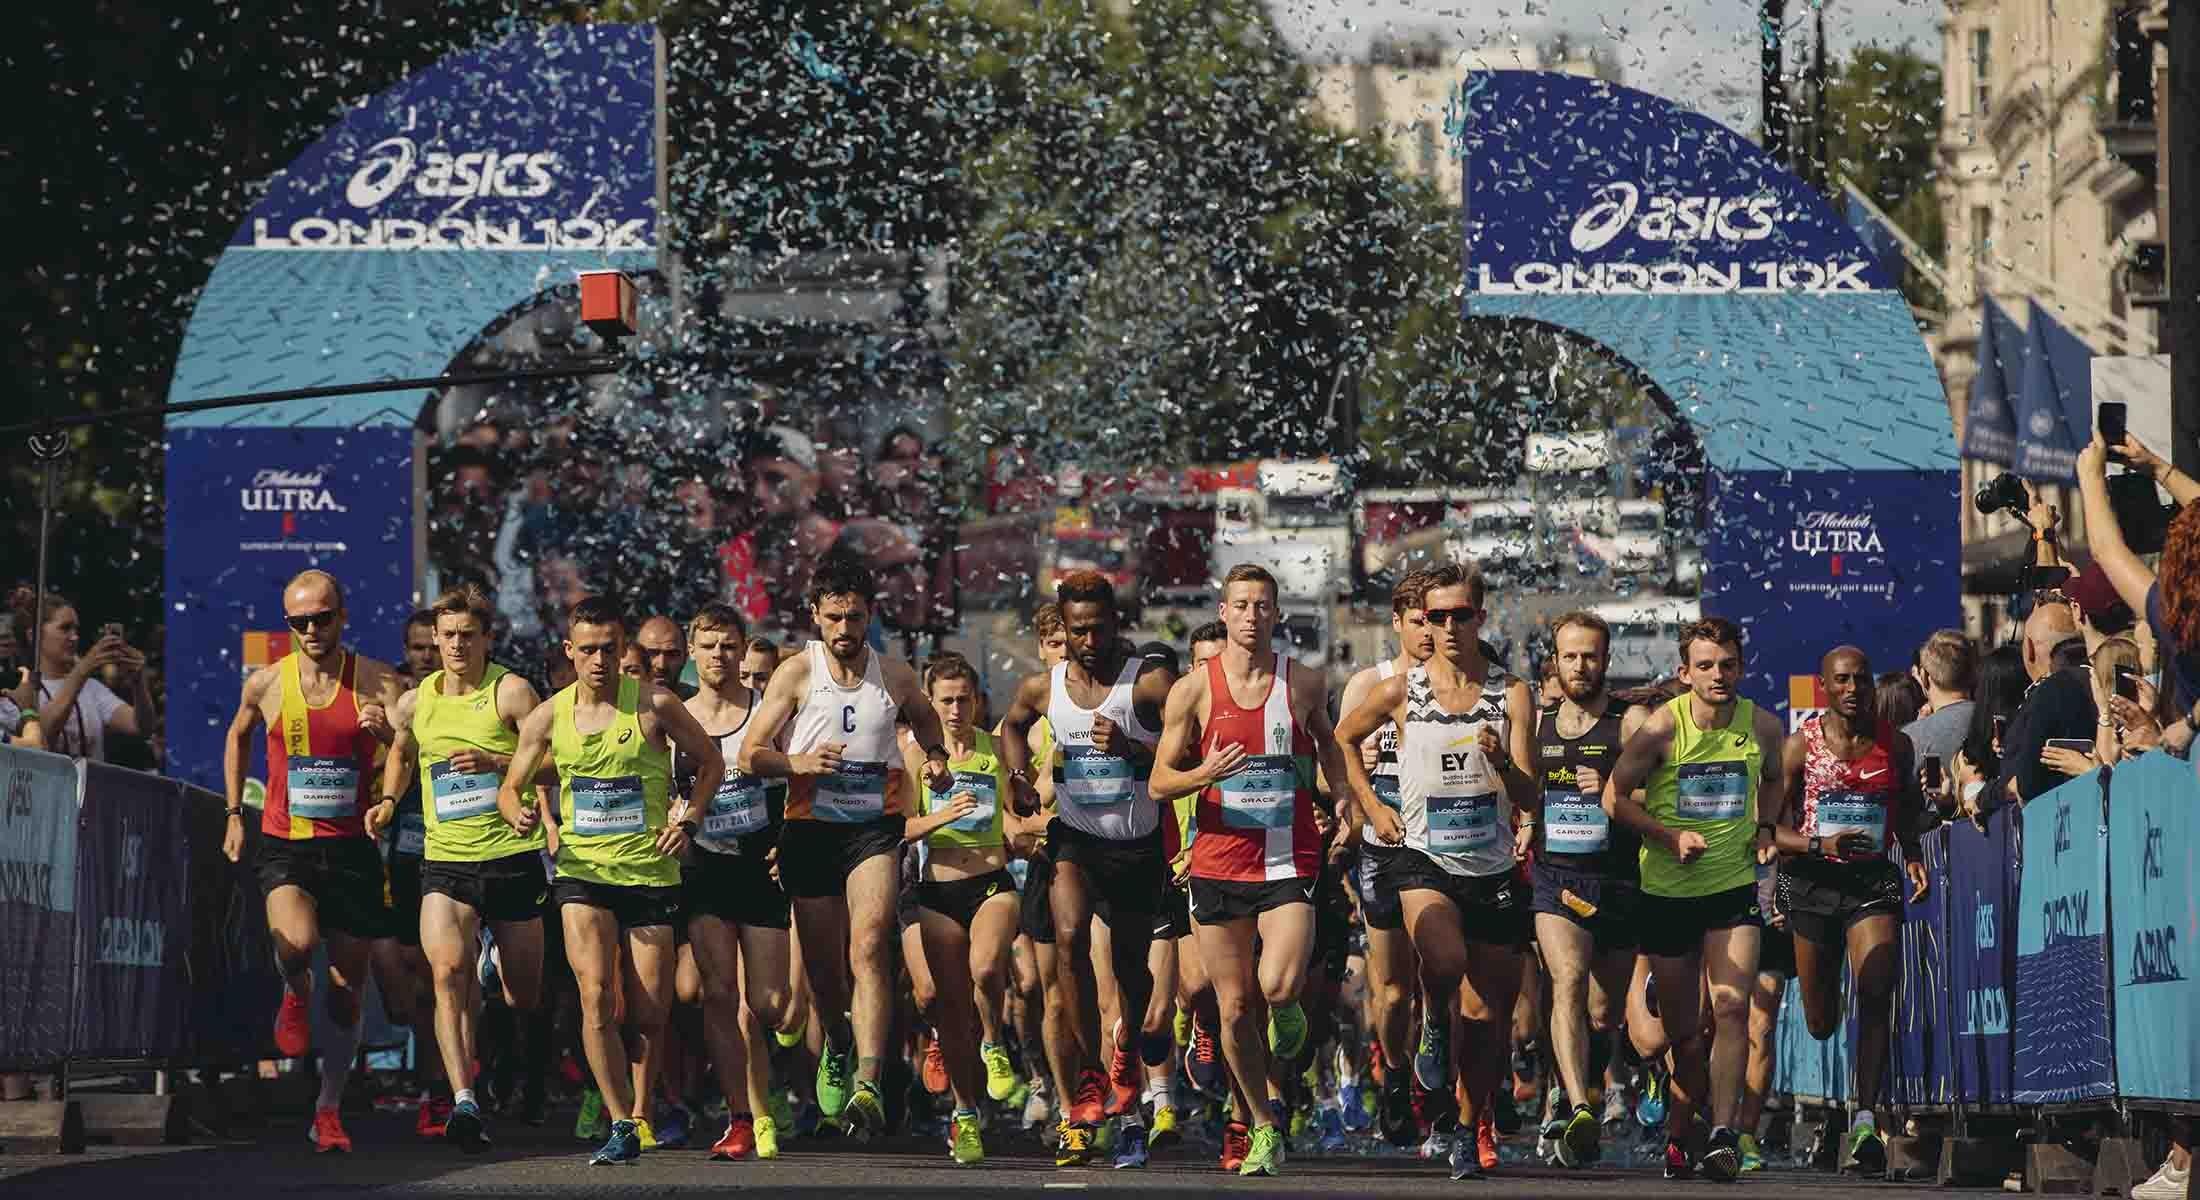 ASICS London 10K 2019 start